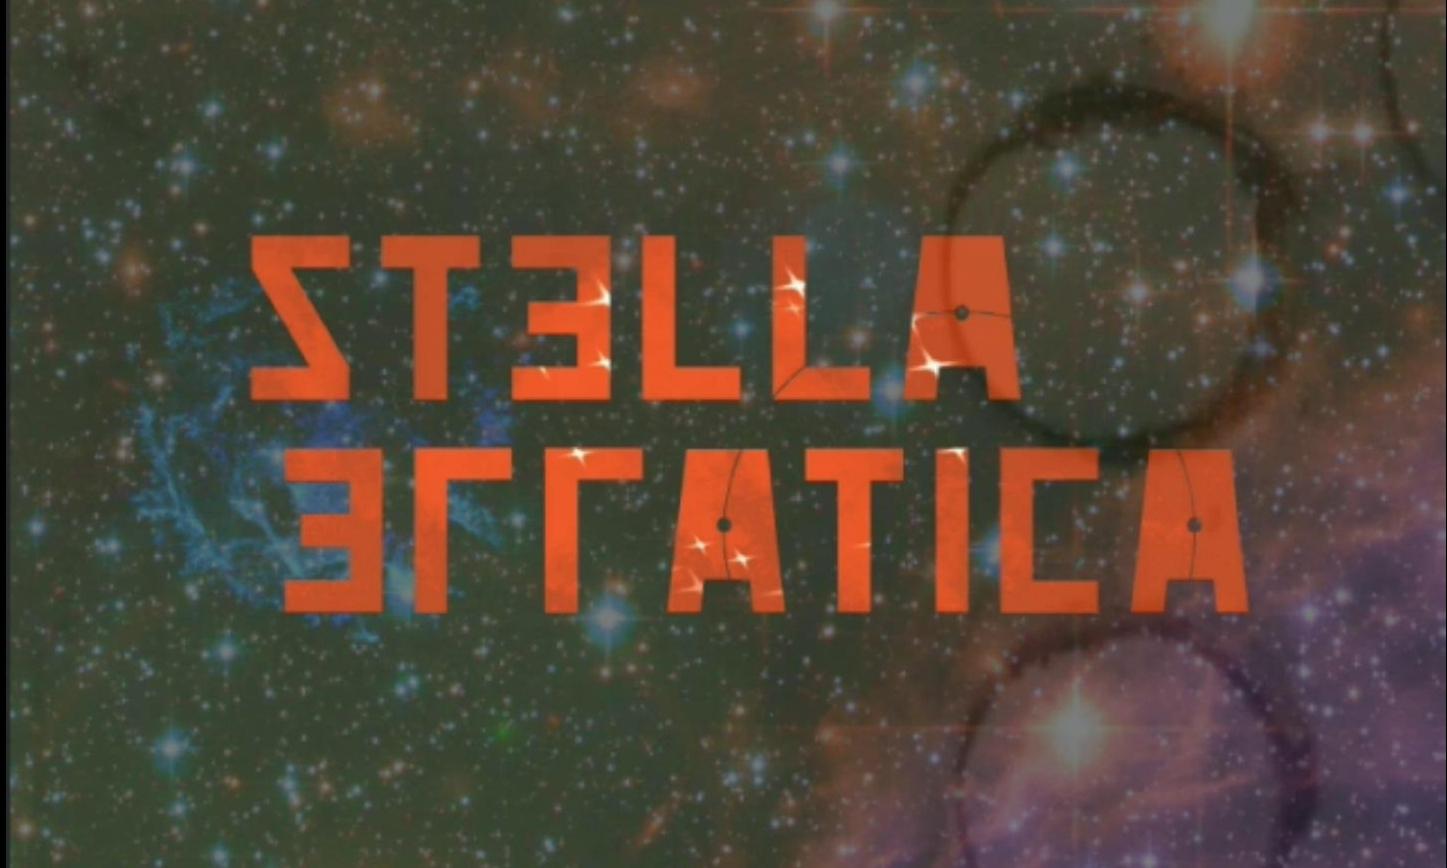 Stella Erratica title card.jpg